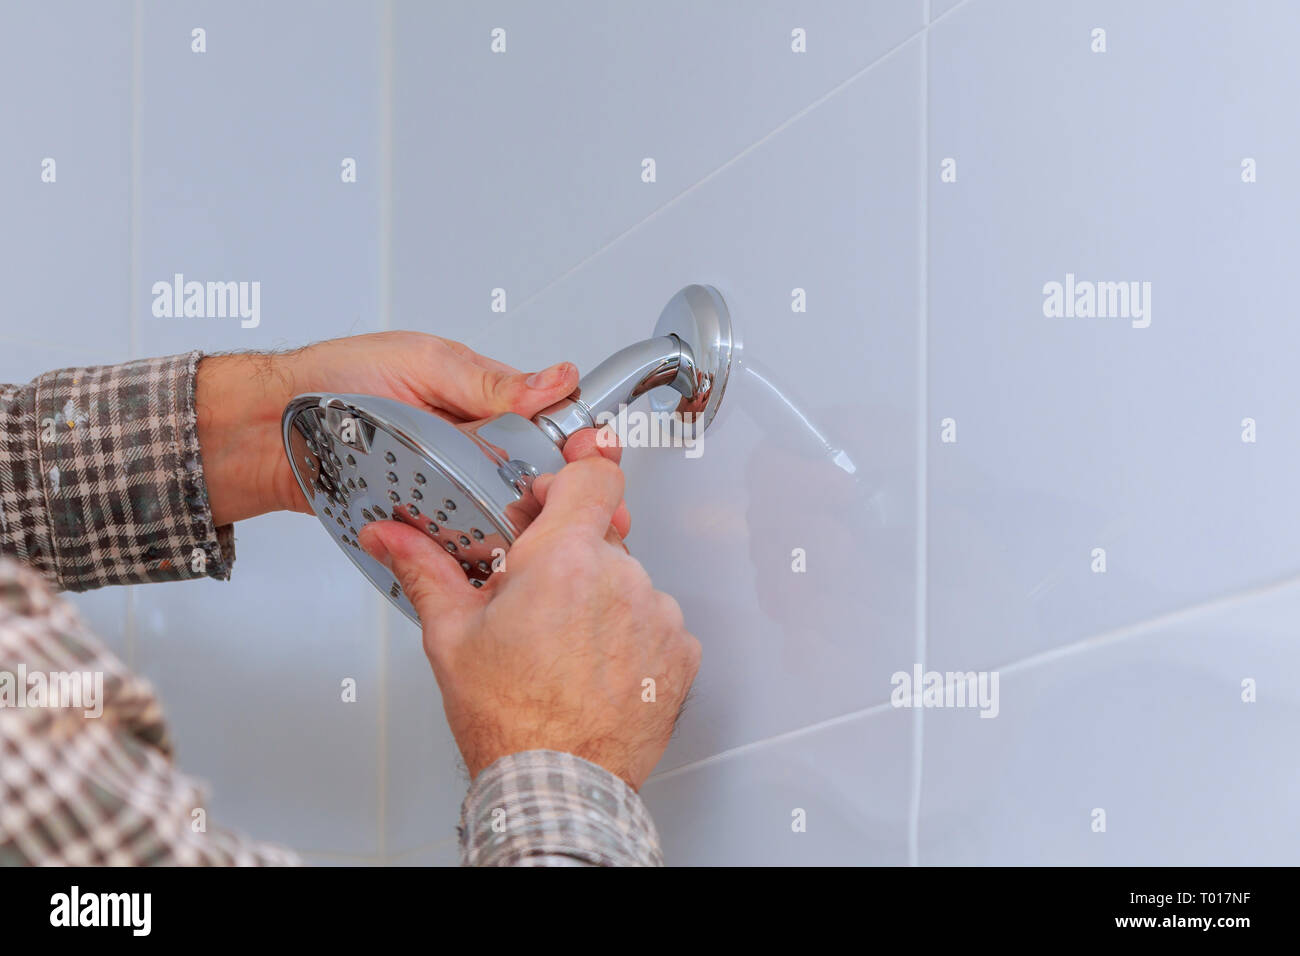 Hand Shower Holder Stock Photos Amp Hand Shower Holder Stock